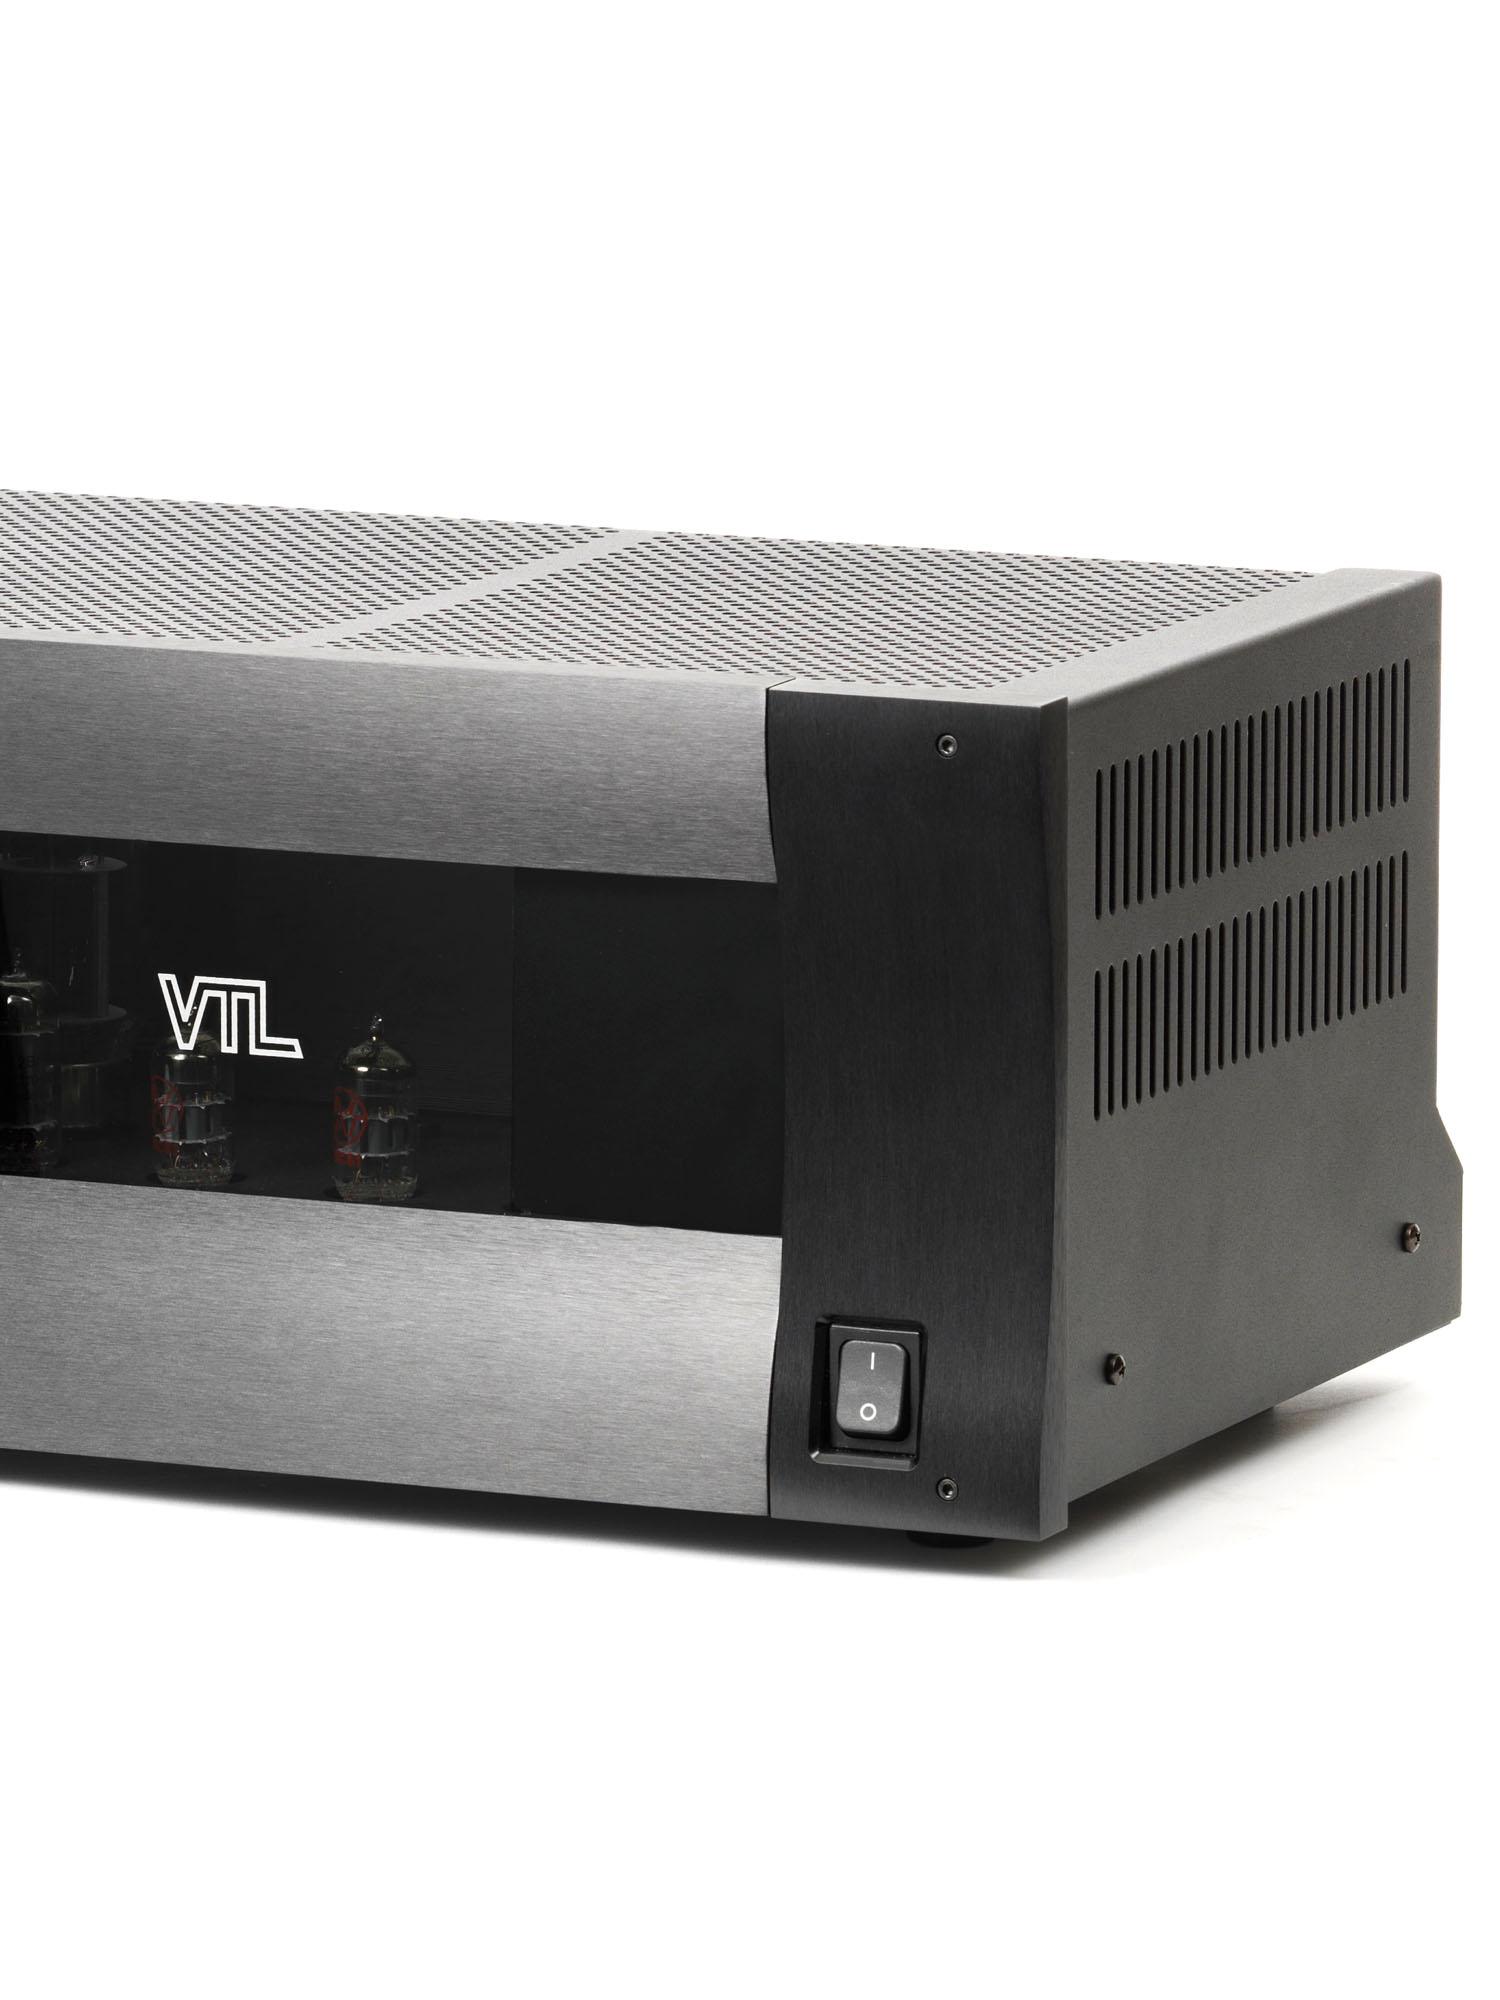 VTL ST-150 Stereo Power Amplifier